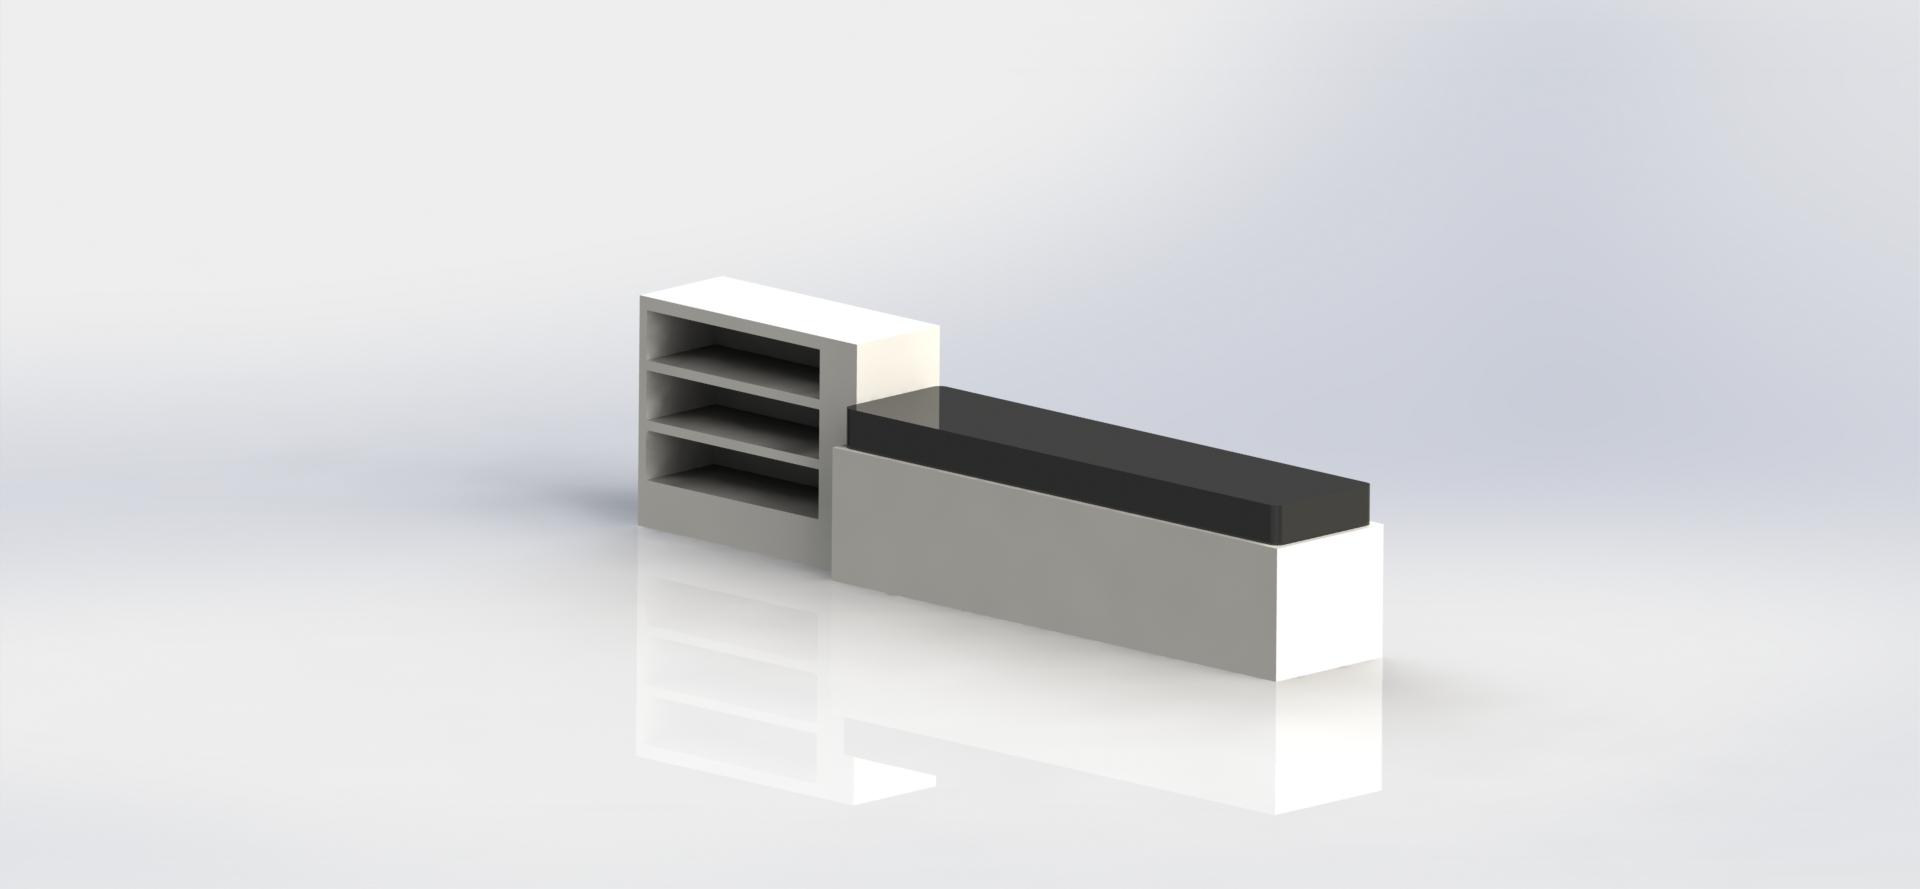 Untitled.JPG Télécharger fichier STL gratuit Banquette • Plan pour imprimante 3D, Totodubotelho